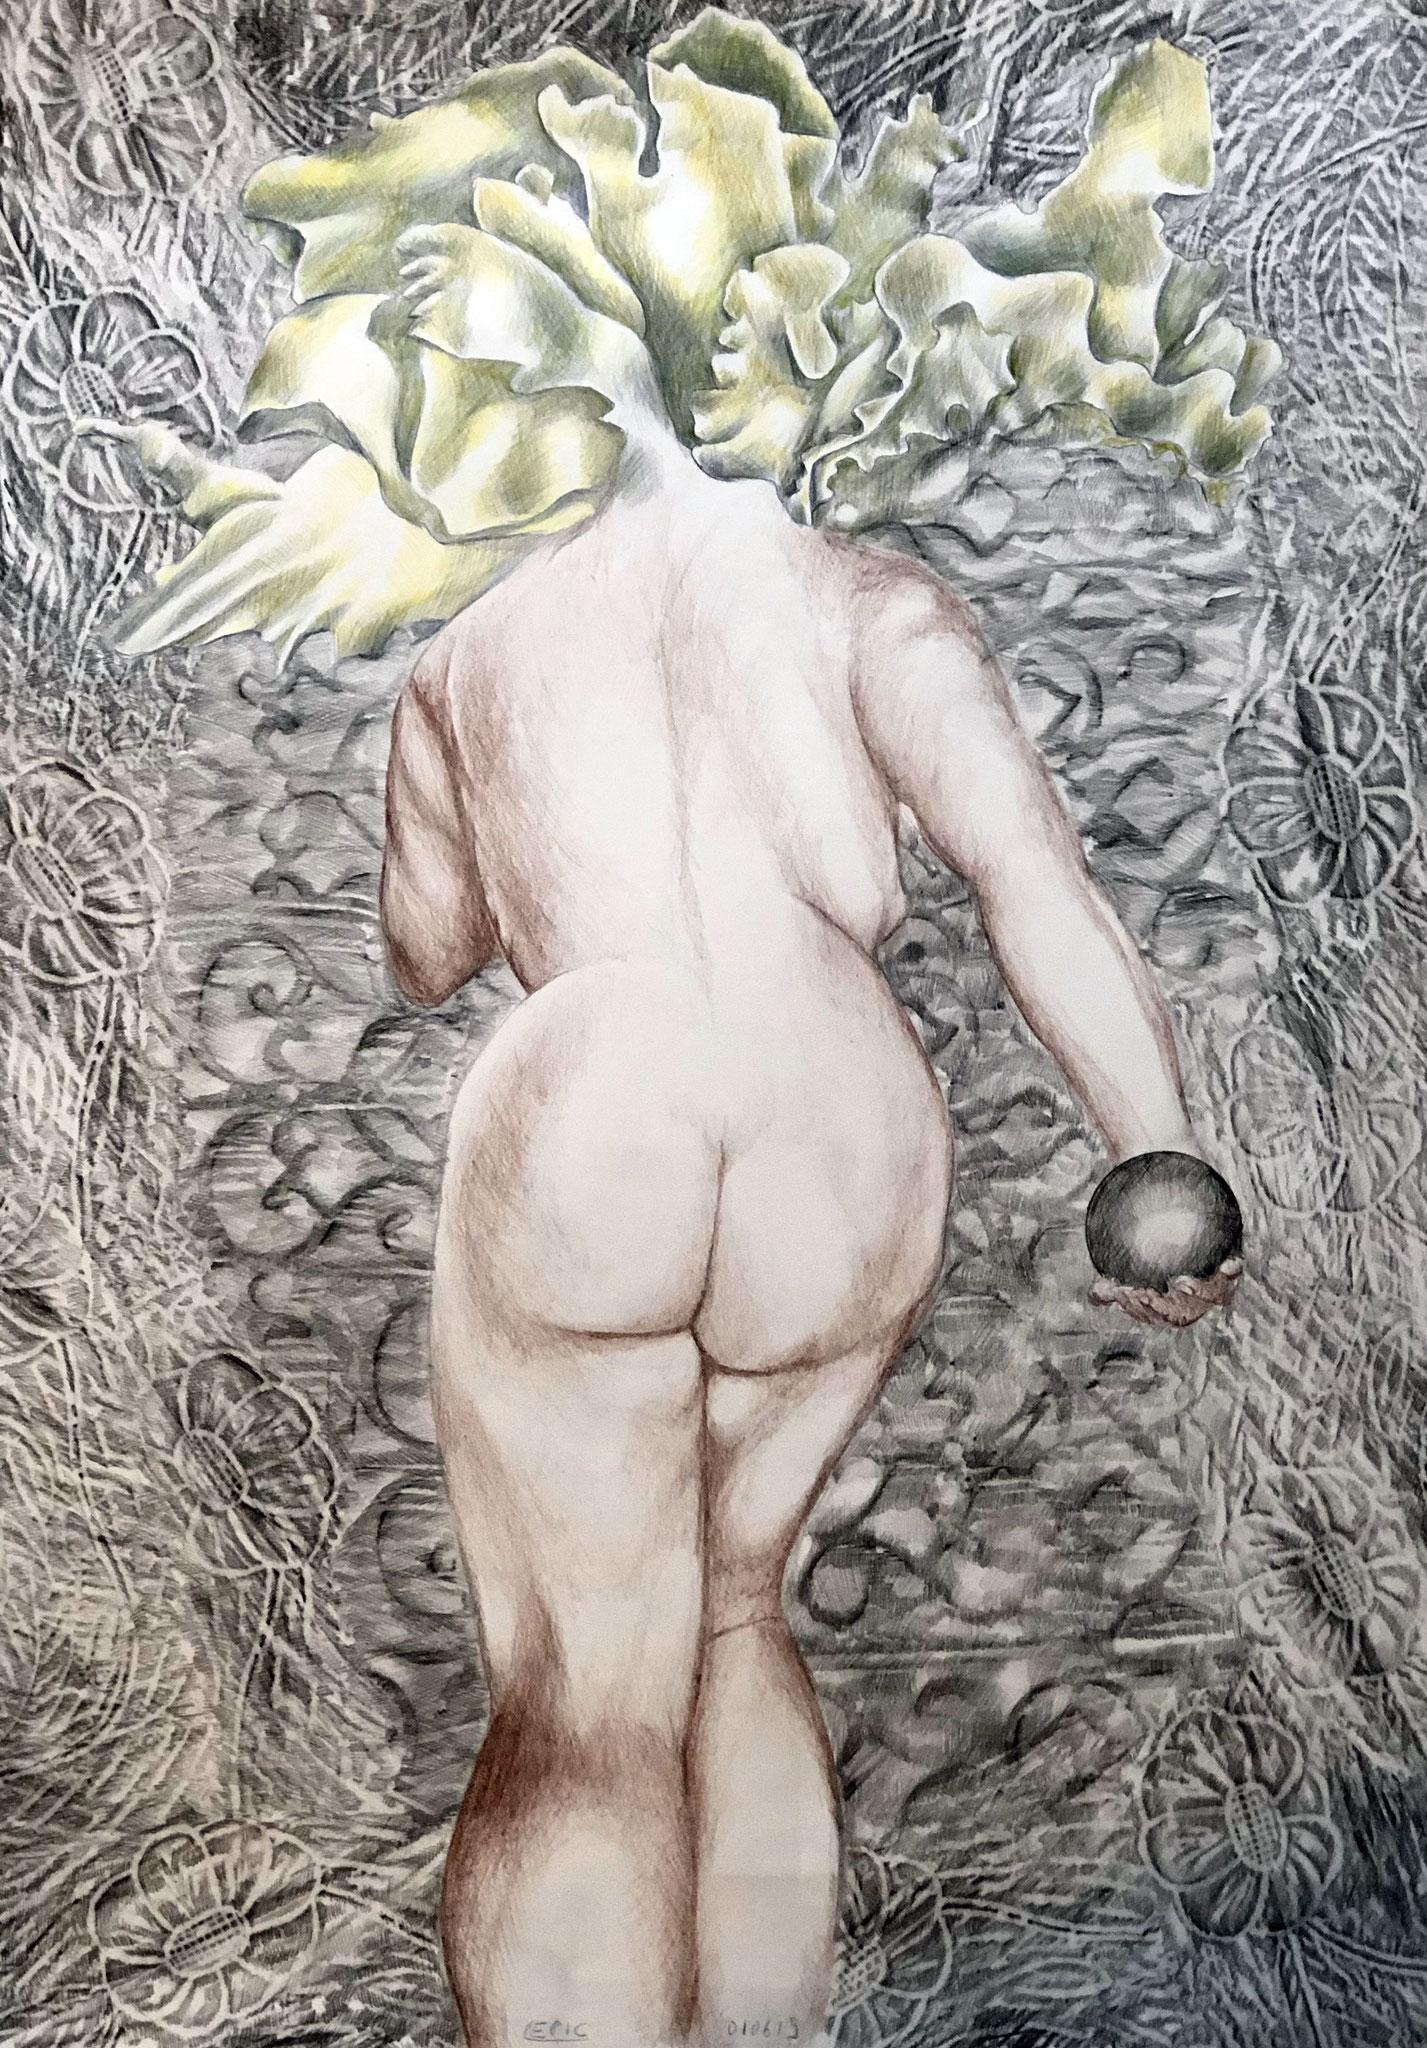 FANNY Graphit und Bunststifte auf Papier - 70 x 50 cm